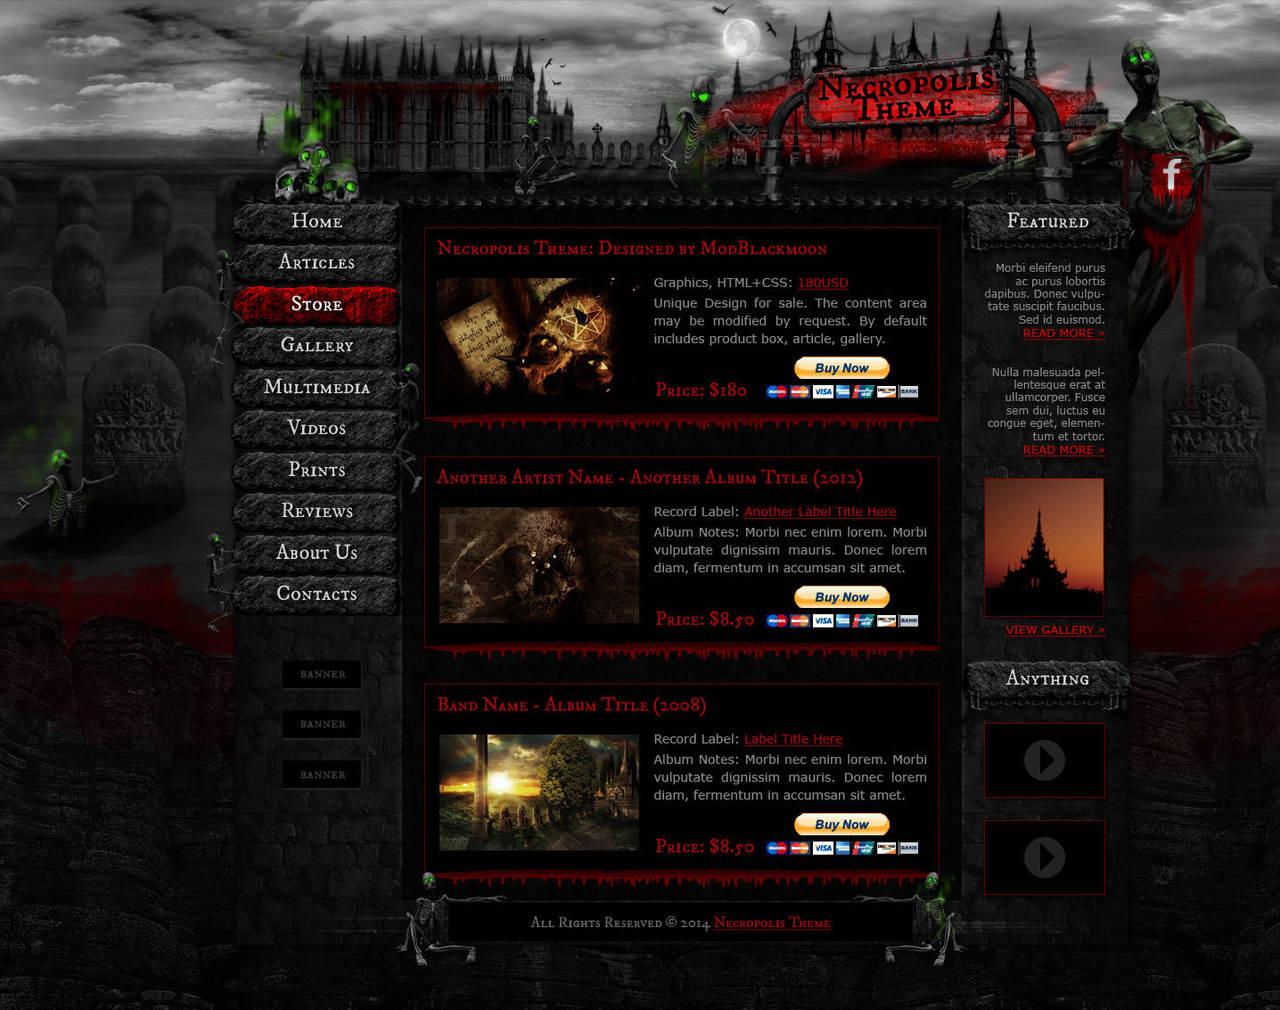 Necropolis Web-Template Preview by modblackmoon